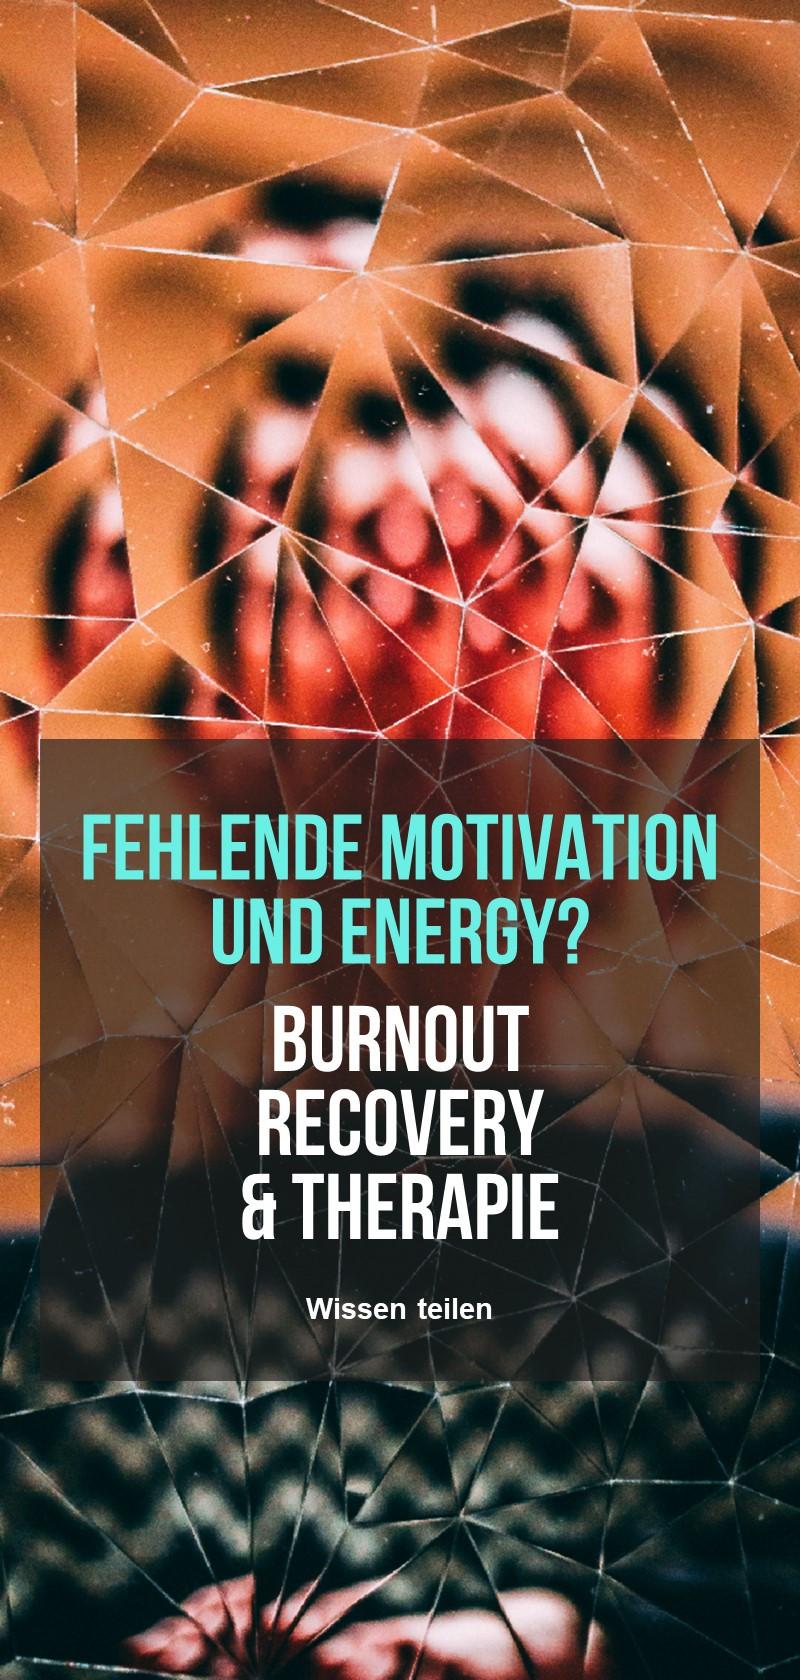 Wiederherstellung und Behandlung von Burnout